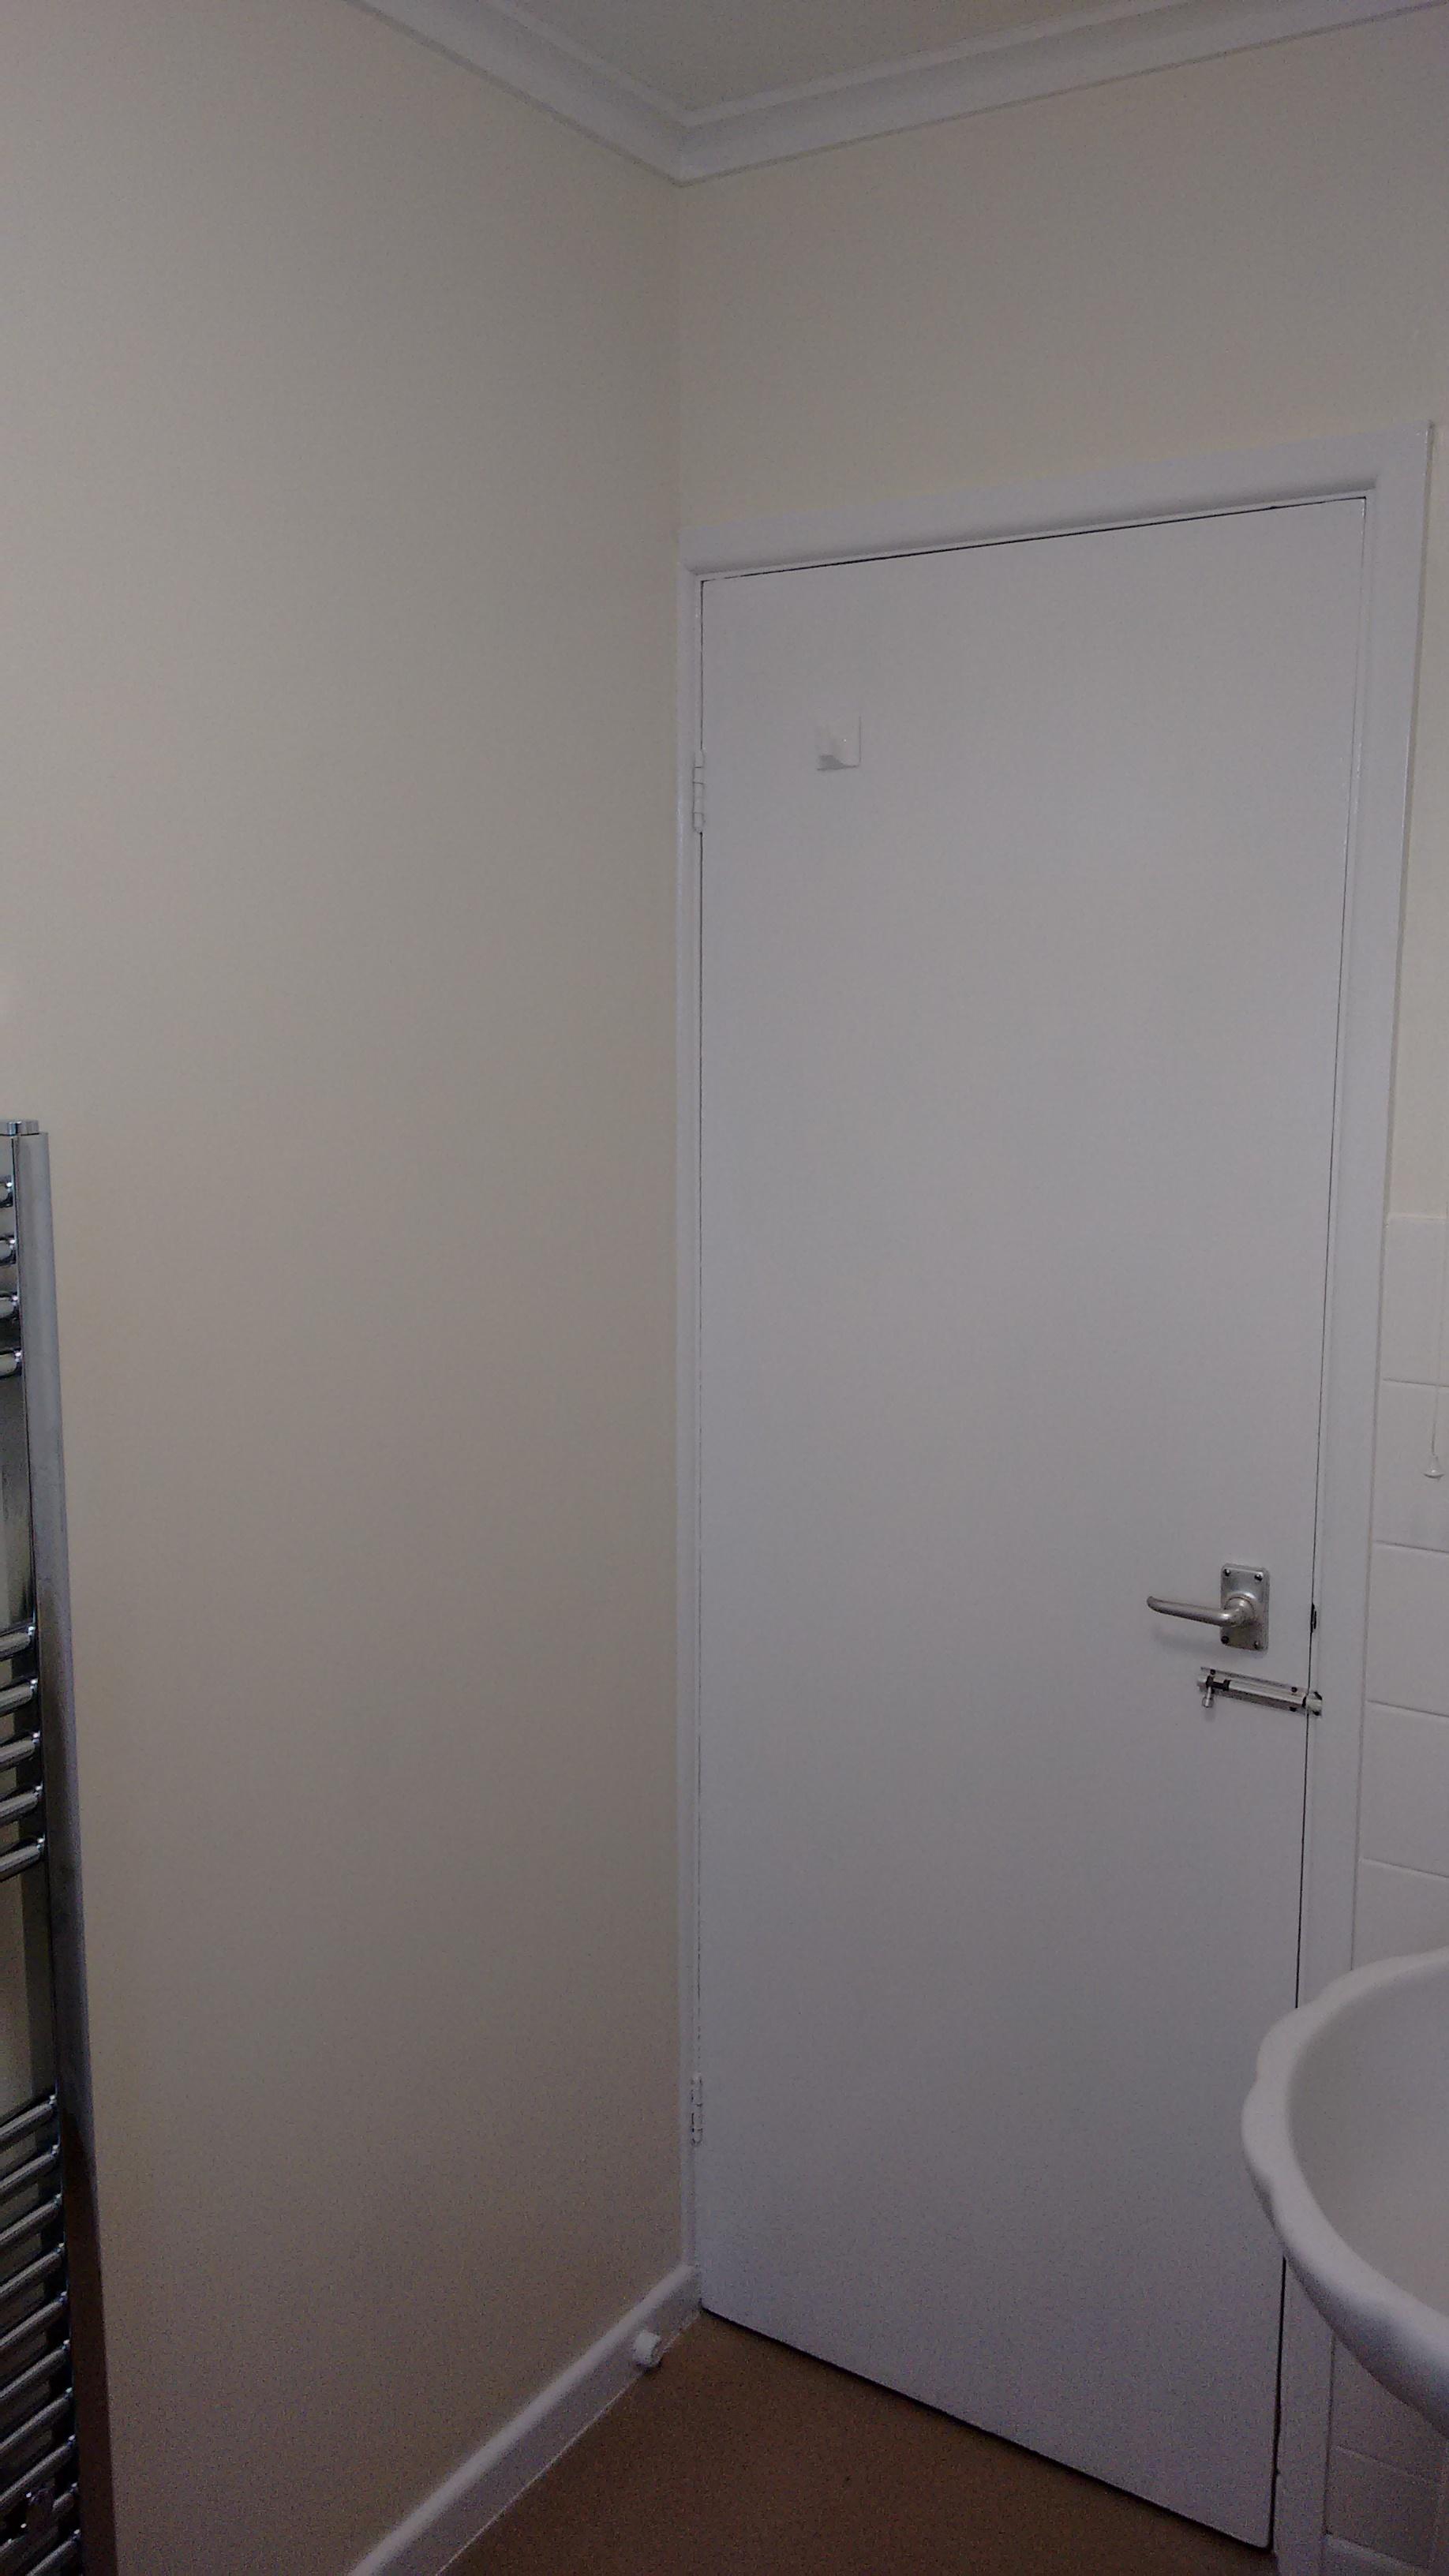 Gloss door, kitchen & bathroom walls